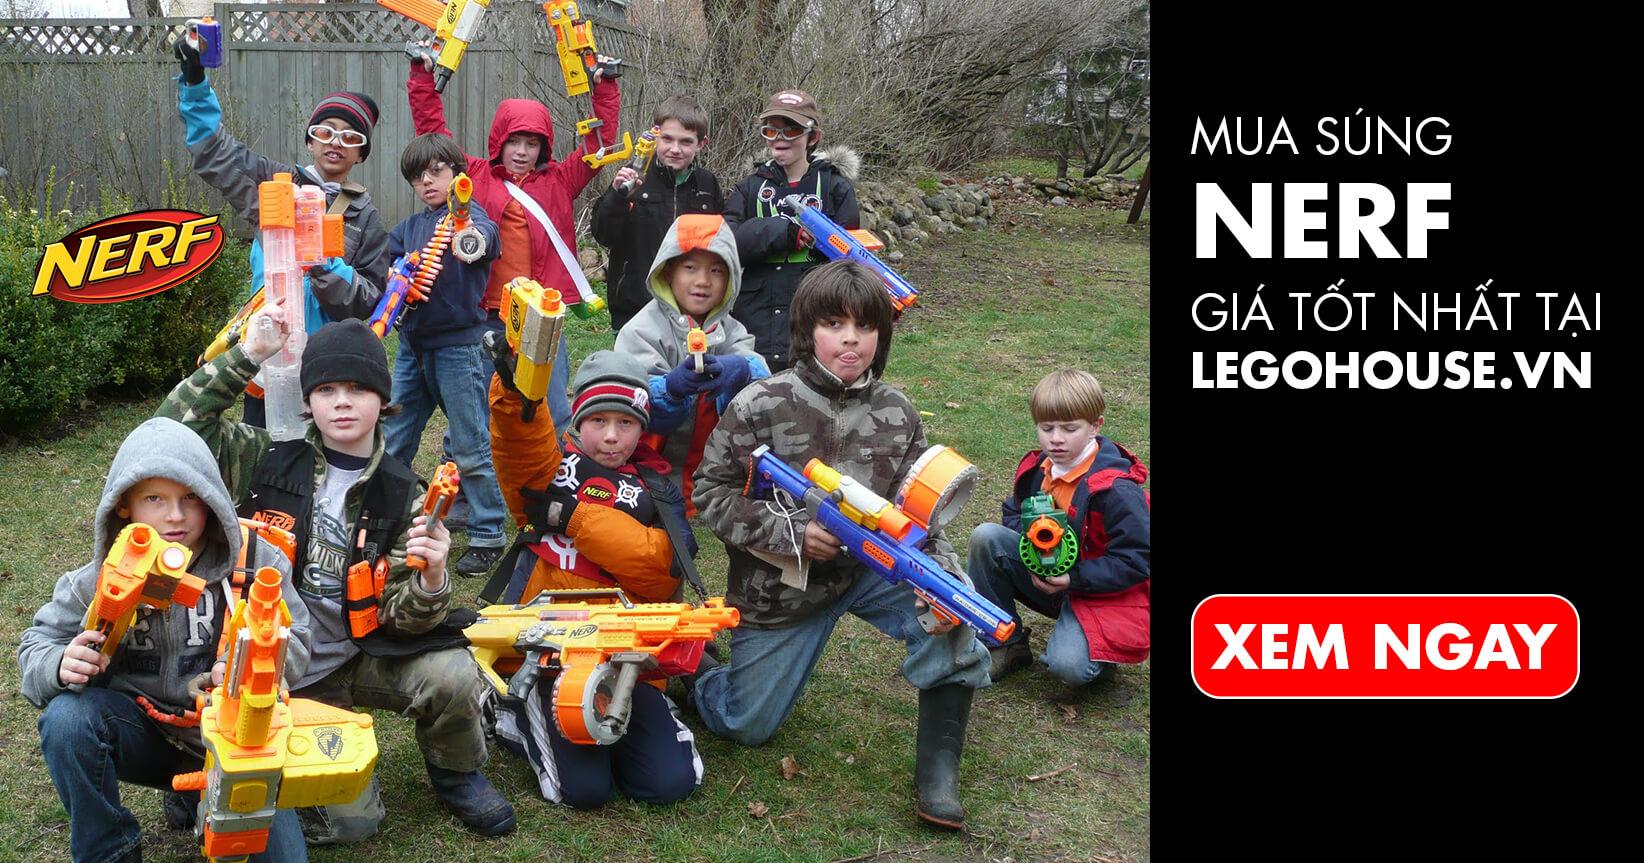 Mua súng NERF giá rẻ nhất việt nam tại legohouse.vn